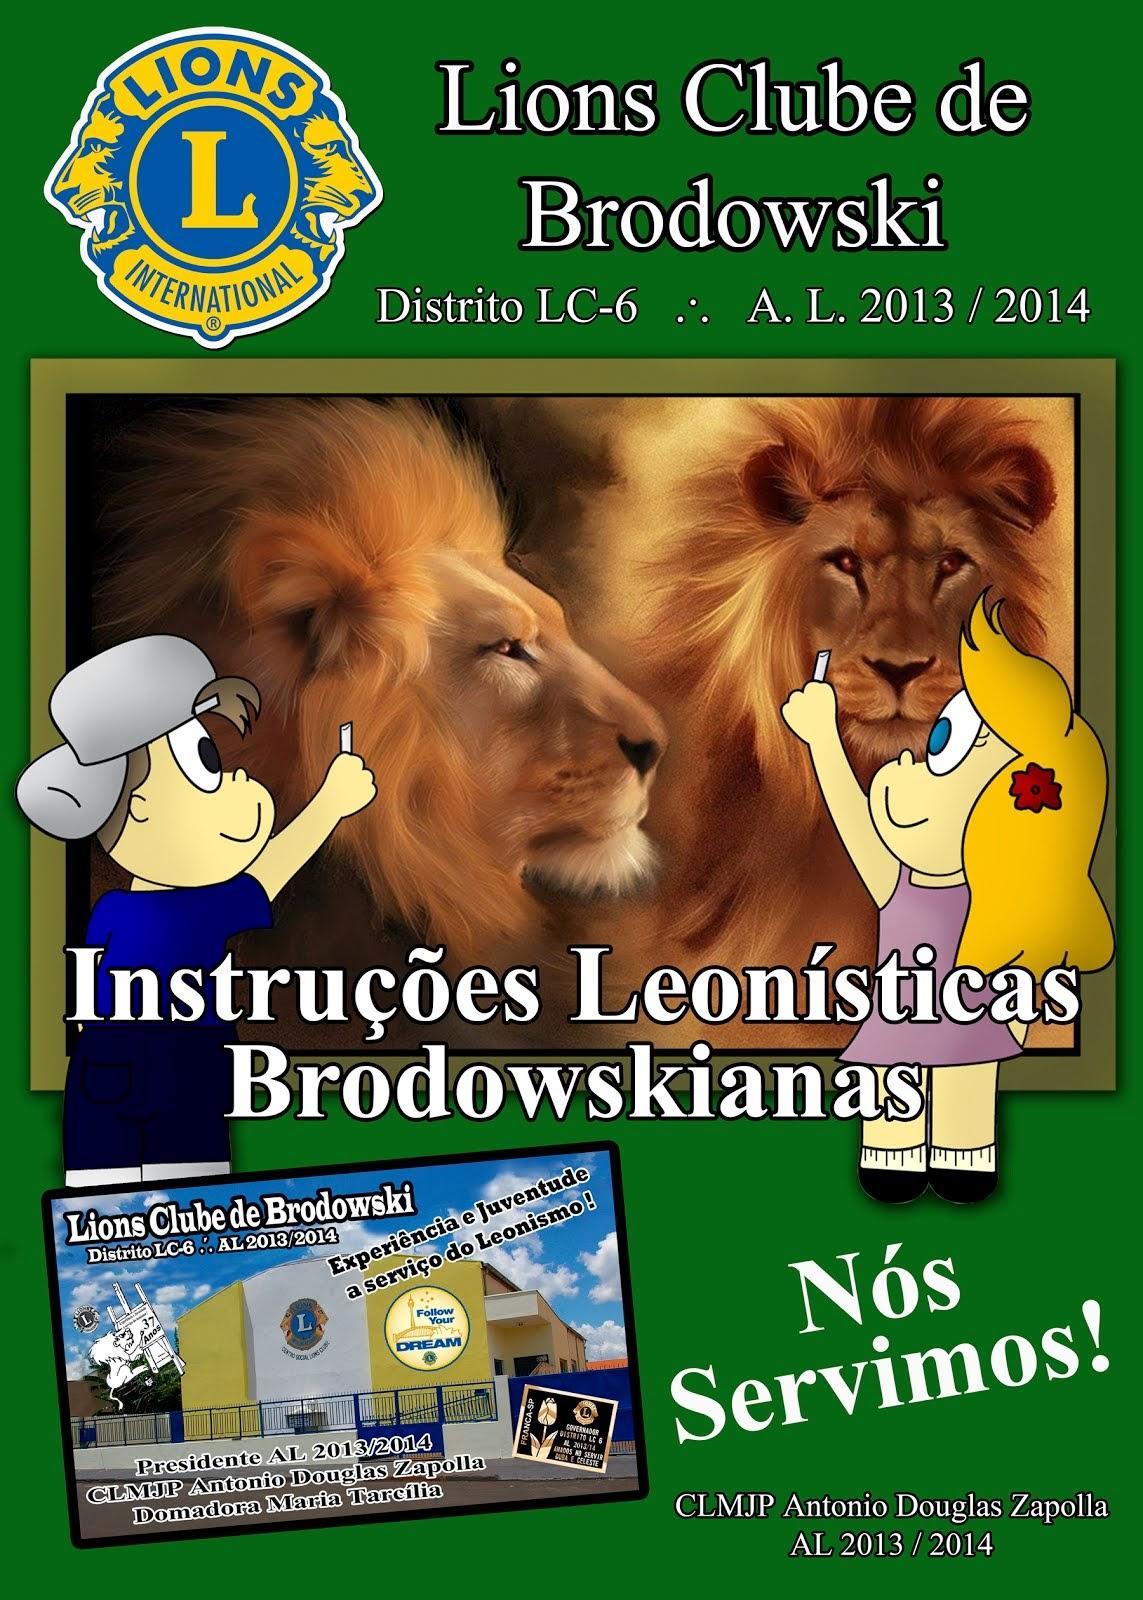 INSTRUÇÕES LEONISTICAS BRODOWSKIANAS